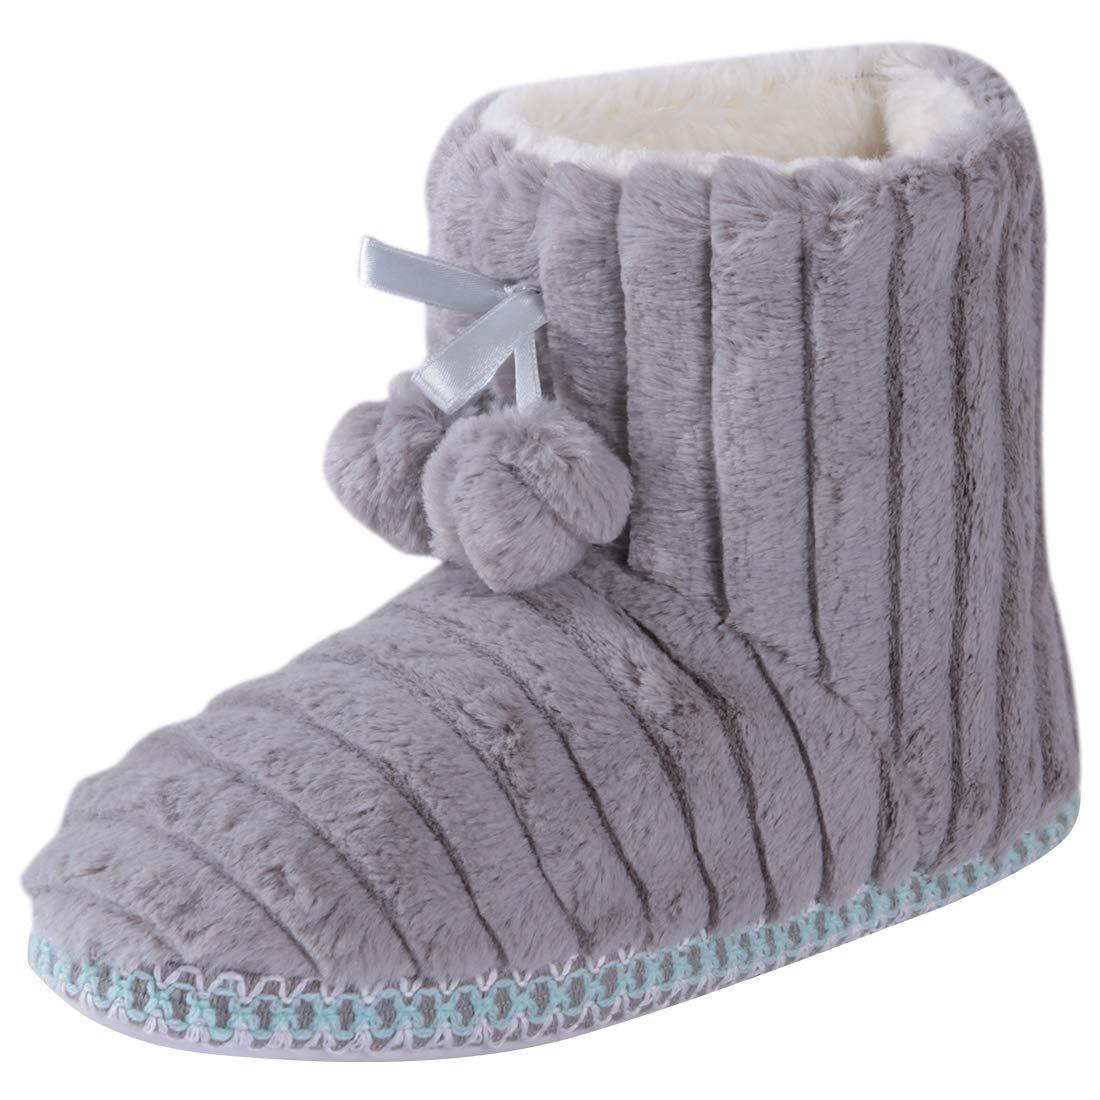 12dbf34581d6 Forfoot Women s Cozy Fleece House Indoor Slipper Boots  Amazon.ca  Shoes    Handbags